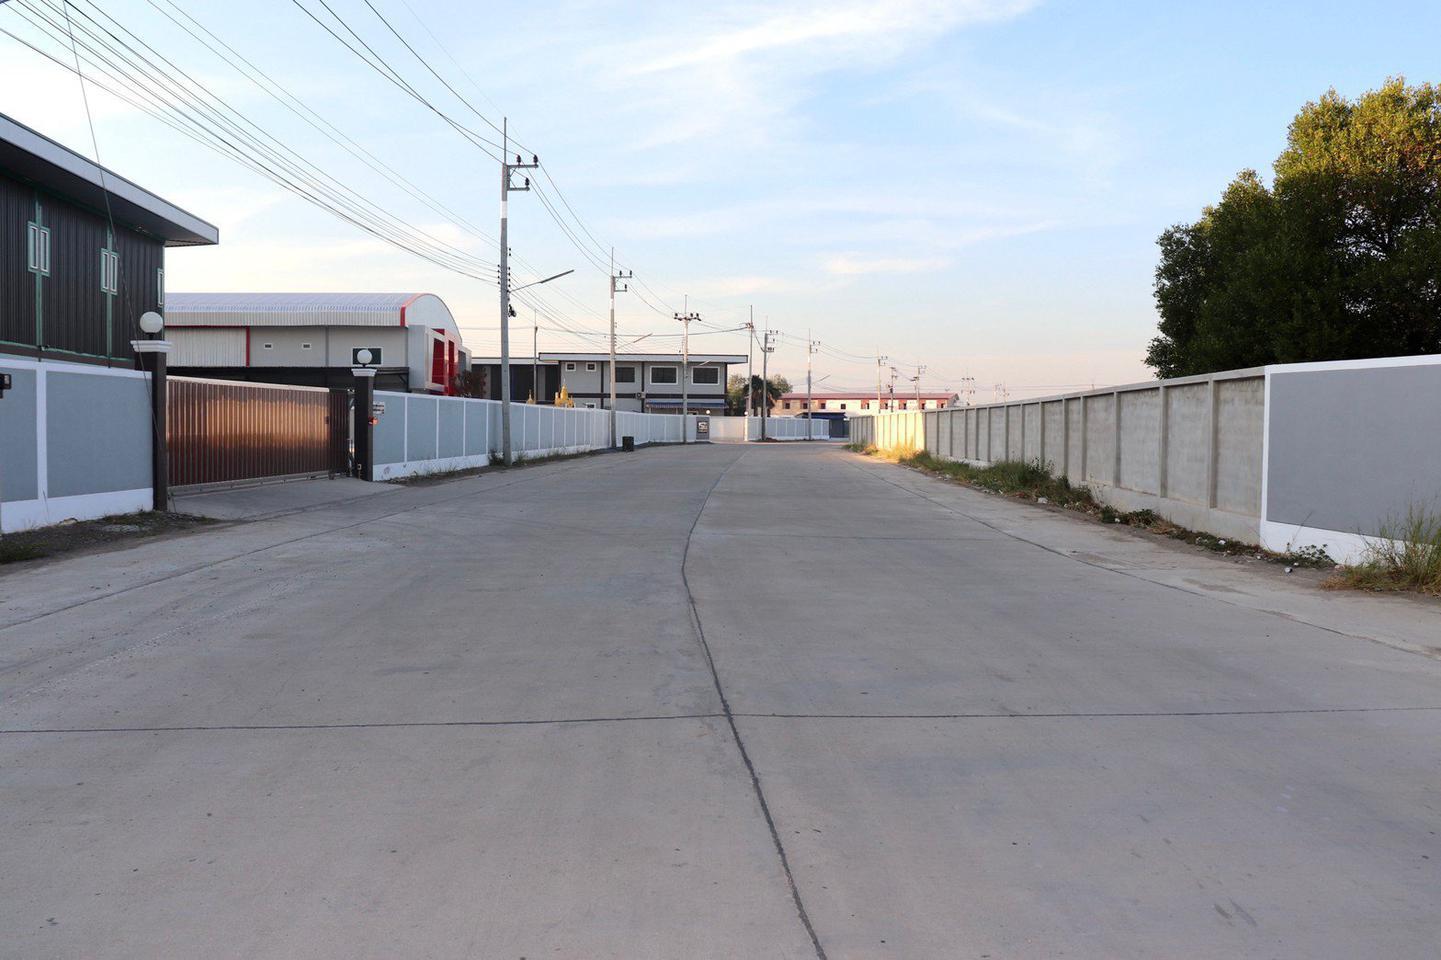 S268 โรงงานสร้างใหม่พร้อมใช้งานไม่ไกลจากกรุงเทพ 2 ไร่กว่า 1,320 ตร.ม. ถนนกว้าง เดินทางสะดวก กู้ง่าย ขายโรงงานสมุทรสาคร รูปที่ 5